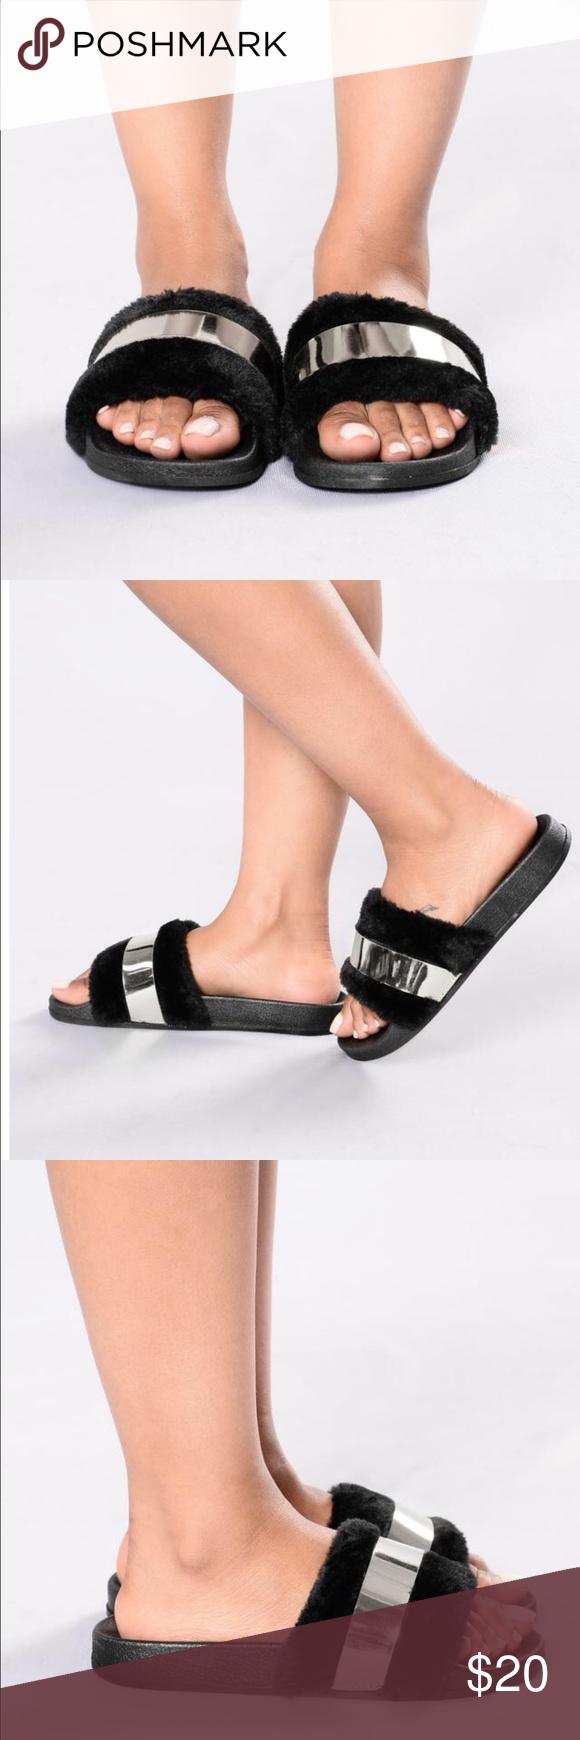 70684473fb6 Fashion Nova black and silver fur slides. Brand new